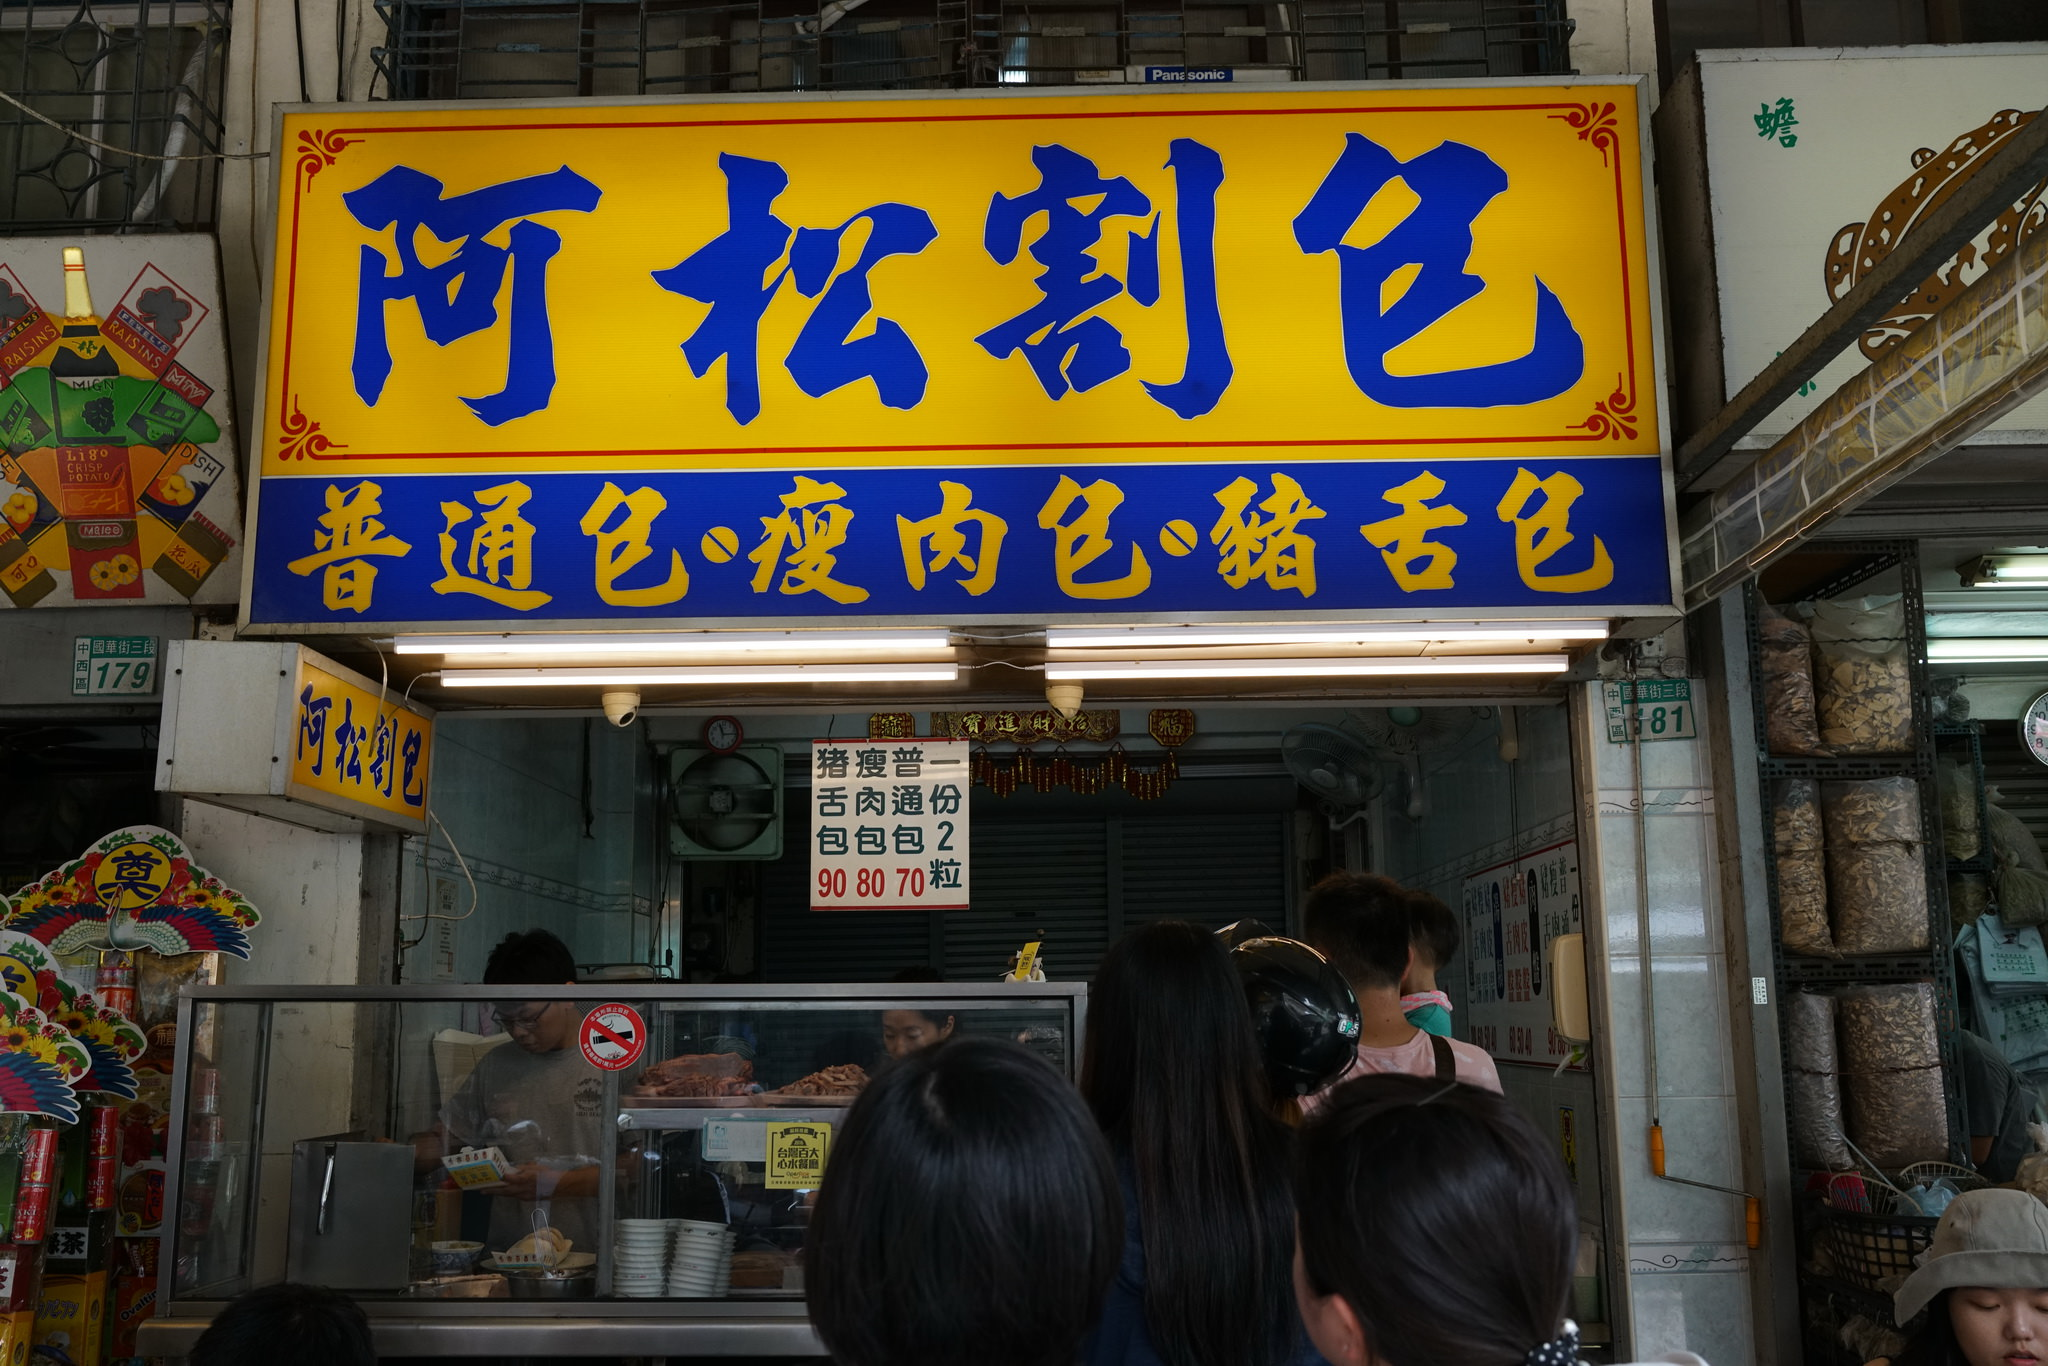 台南吃吃之旅 Day 3 112